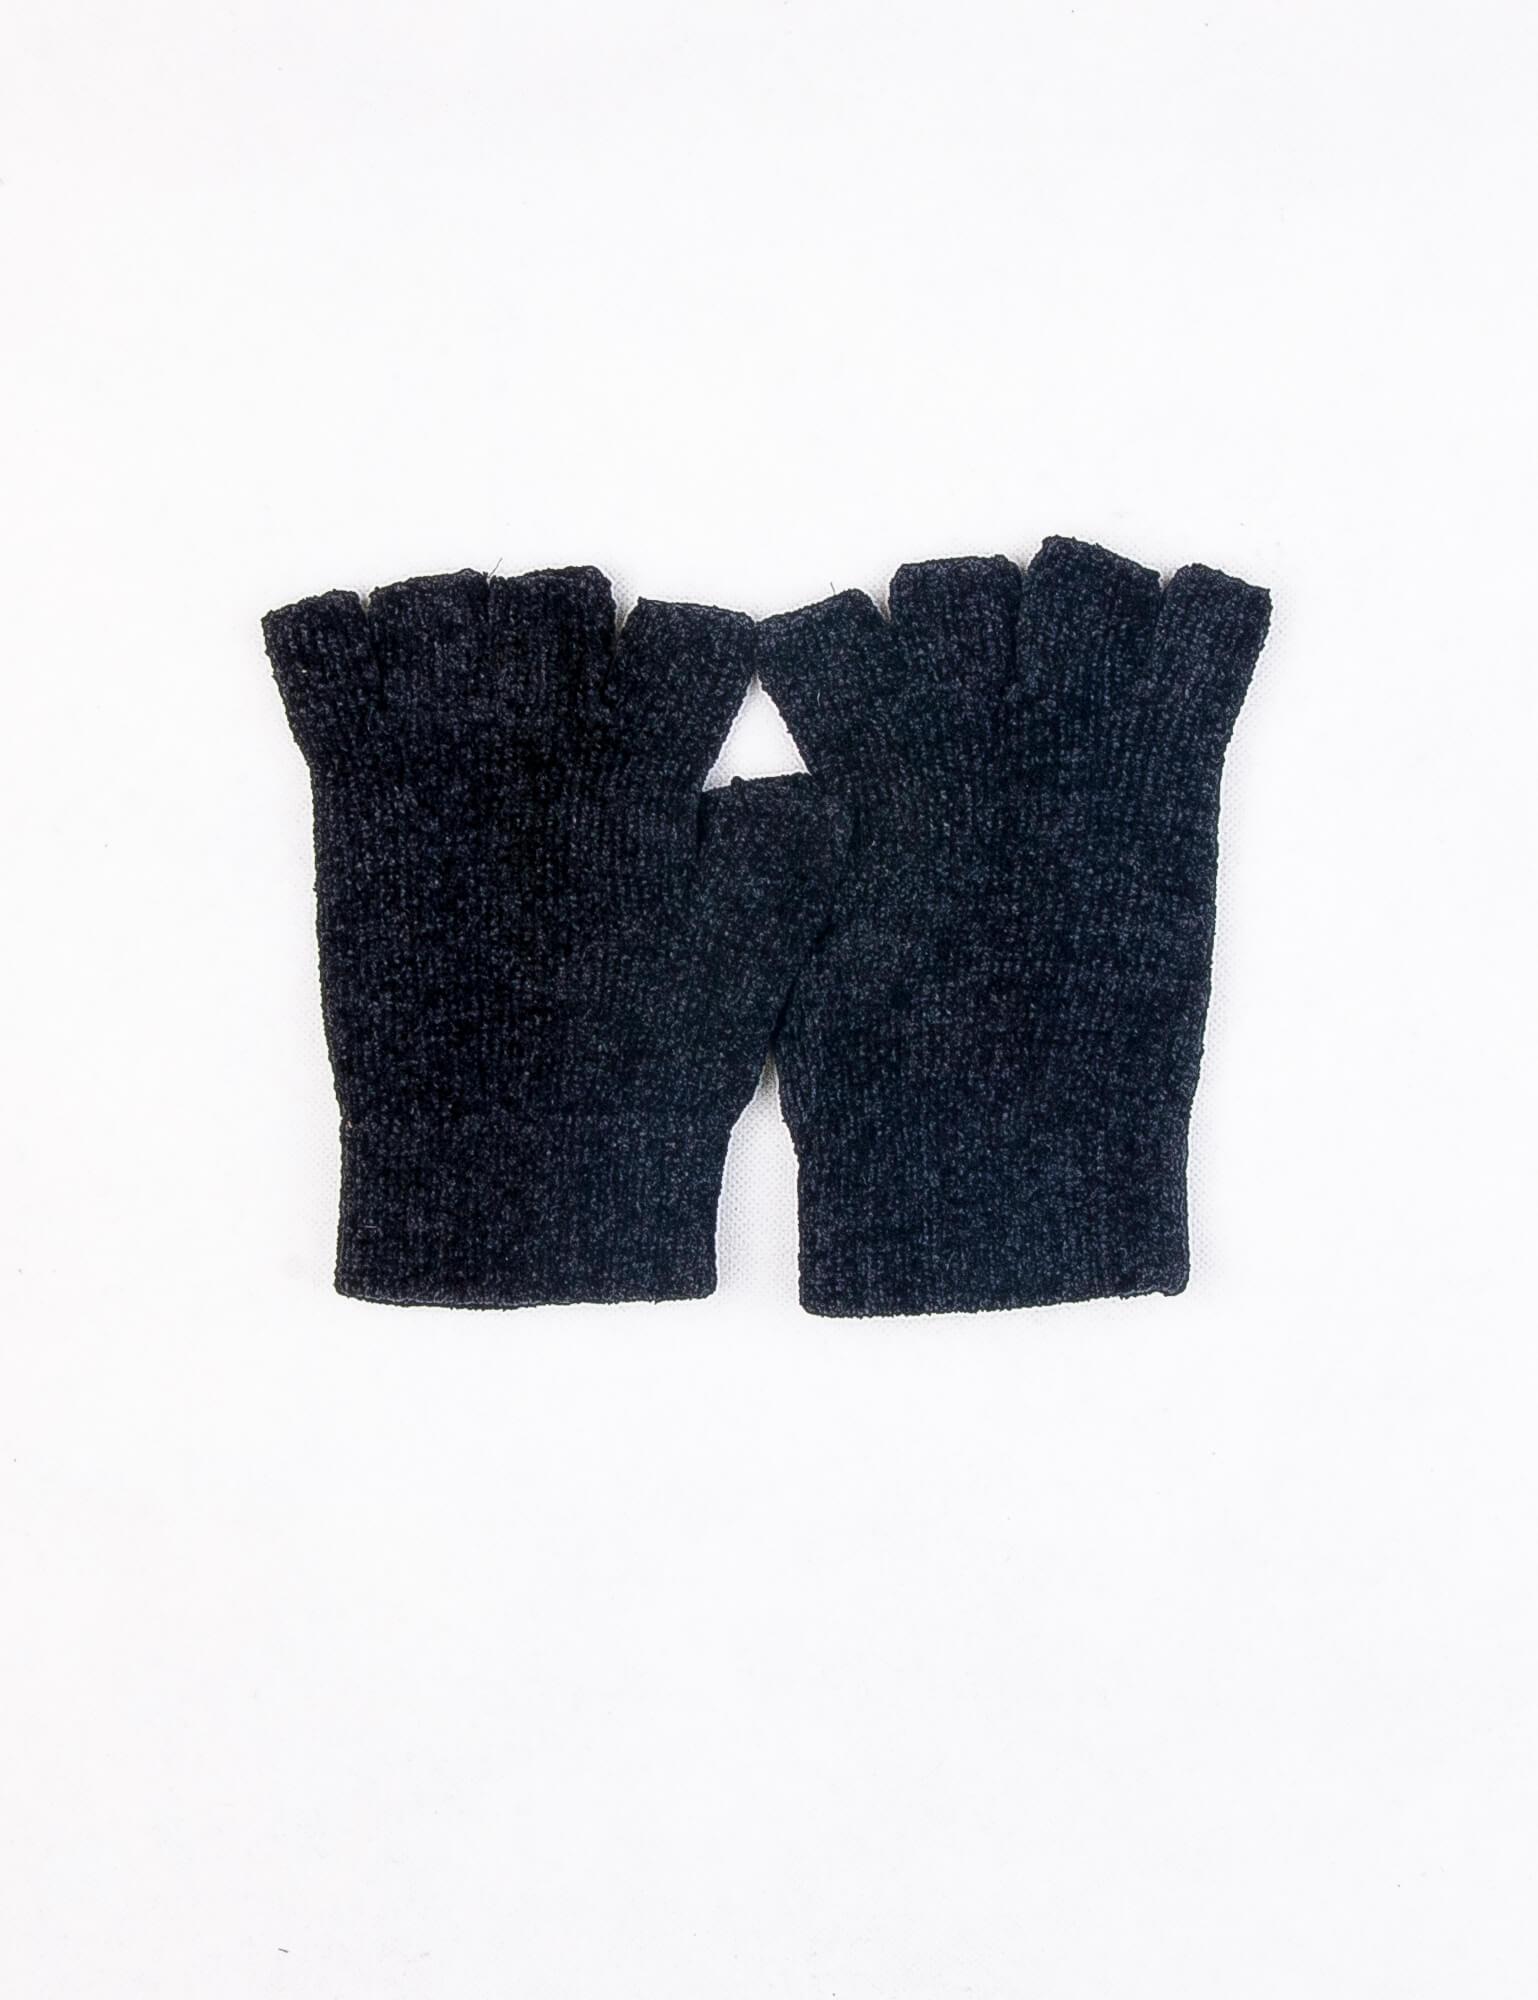 دستکش مردانه نیم انگشتی ساده DP1001